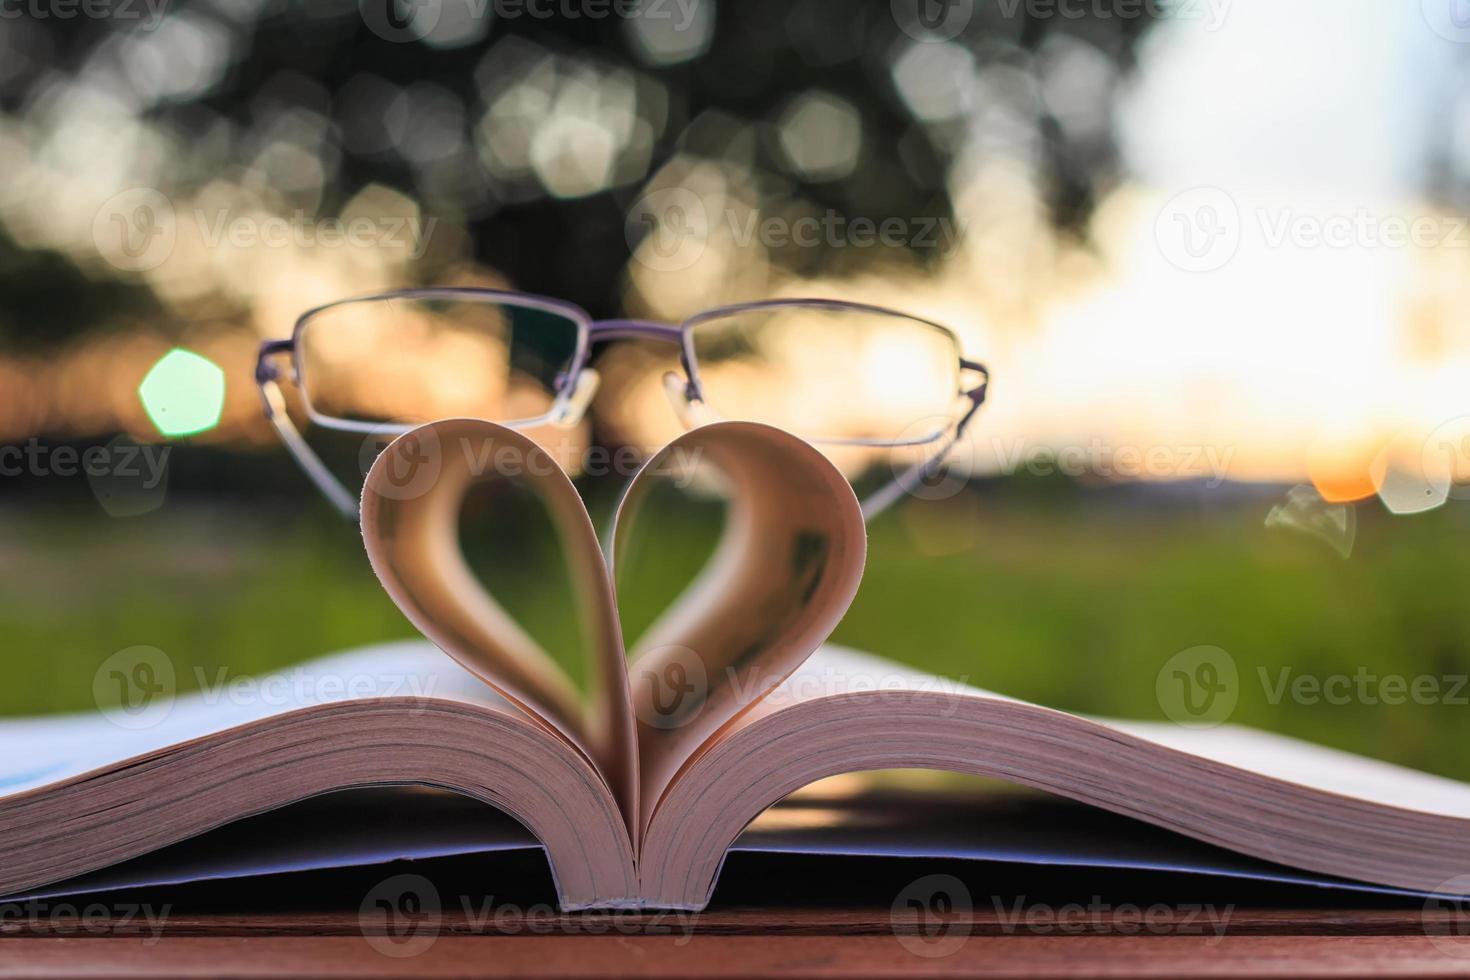 Cerrar libro y vasos en la mesa al atardecer foto